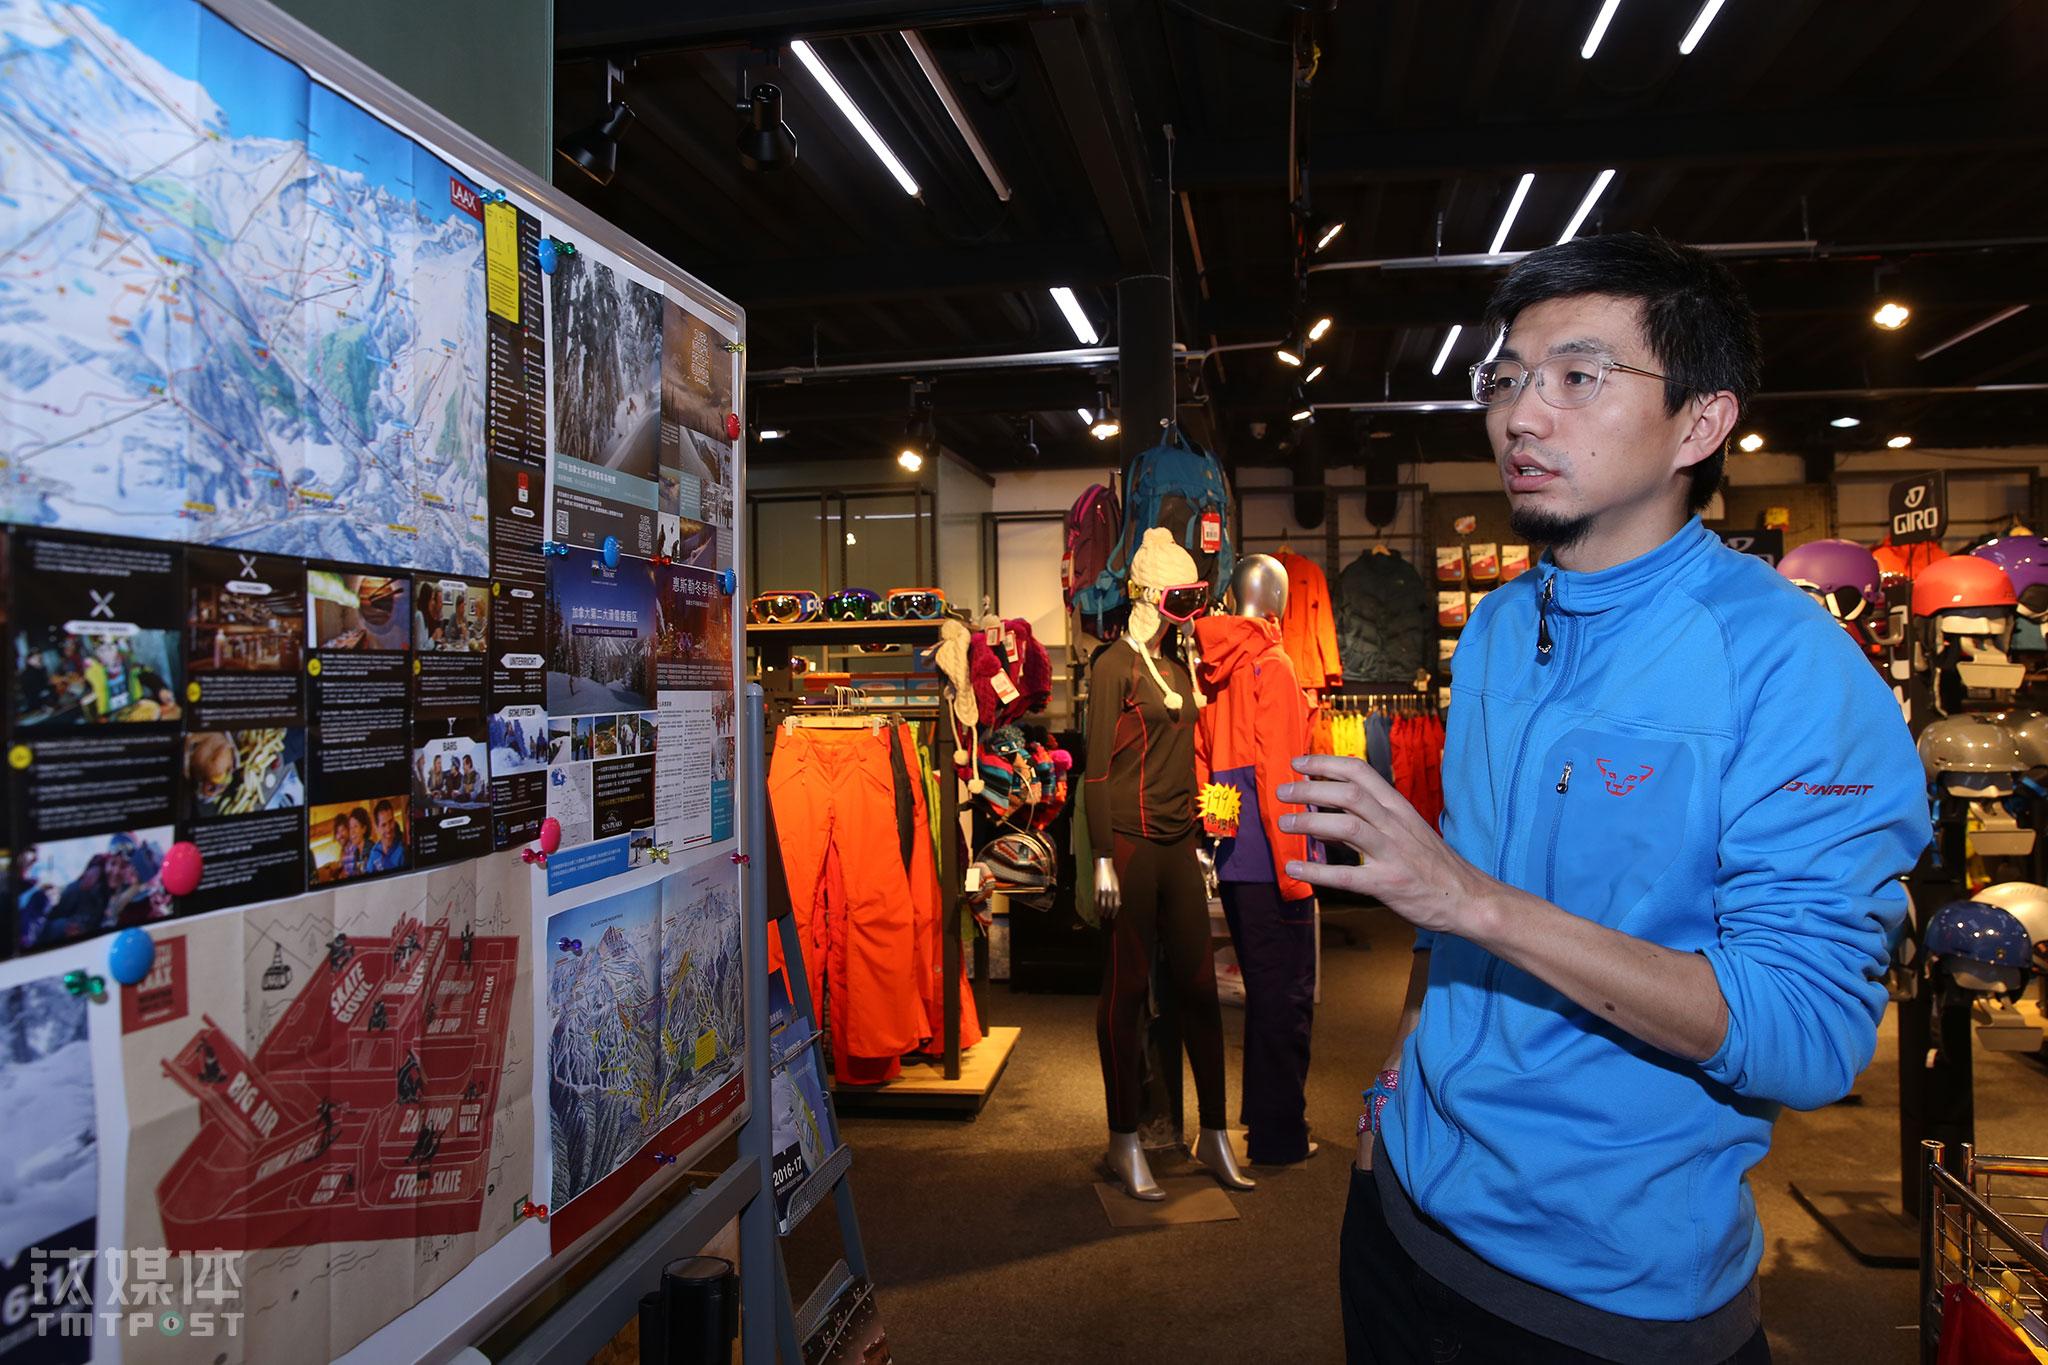 """2016年雪季,""""滑雪助手""""办公室被改造成了雪具店,原有团队缩减大半,球叔也在思索着怎样在2017年通过新的滑雪产品为公司创造新的利润点,提高自身的造血能力,养活团队。"""